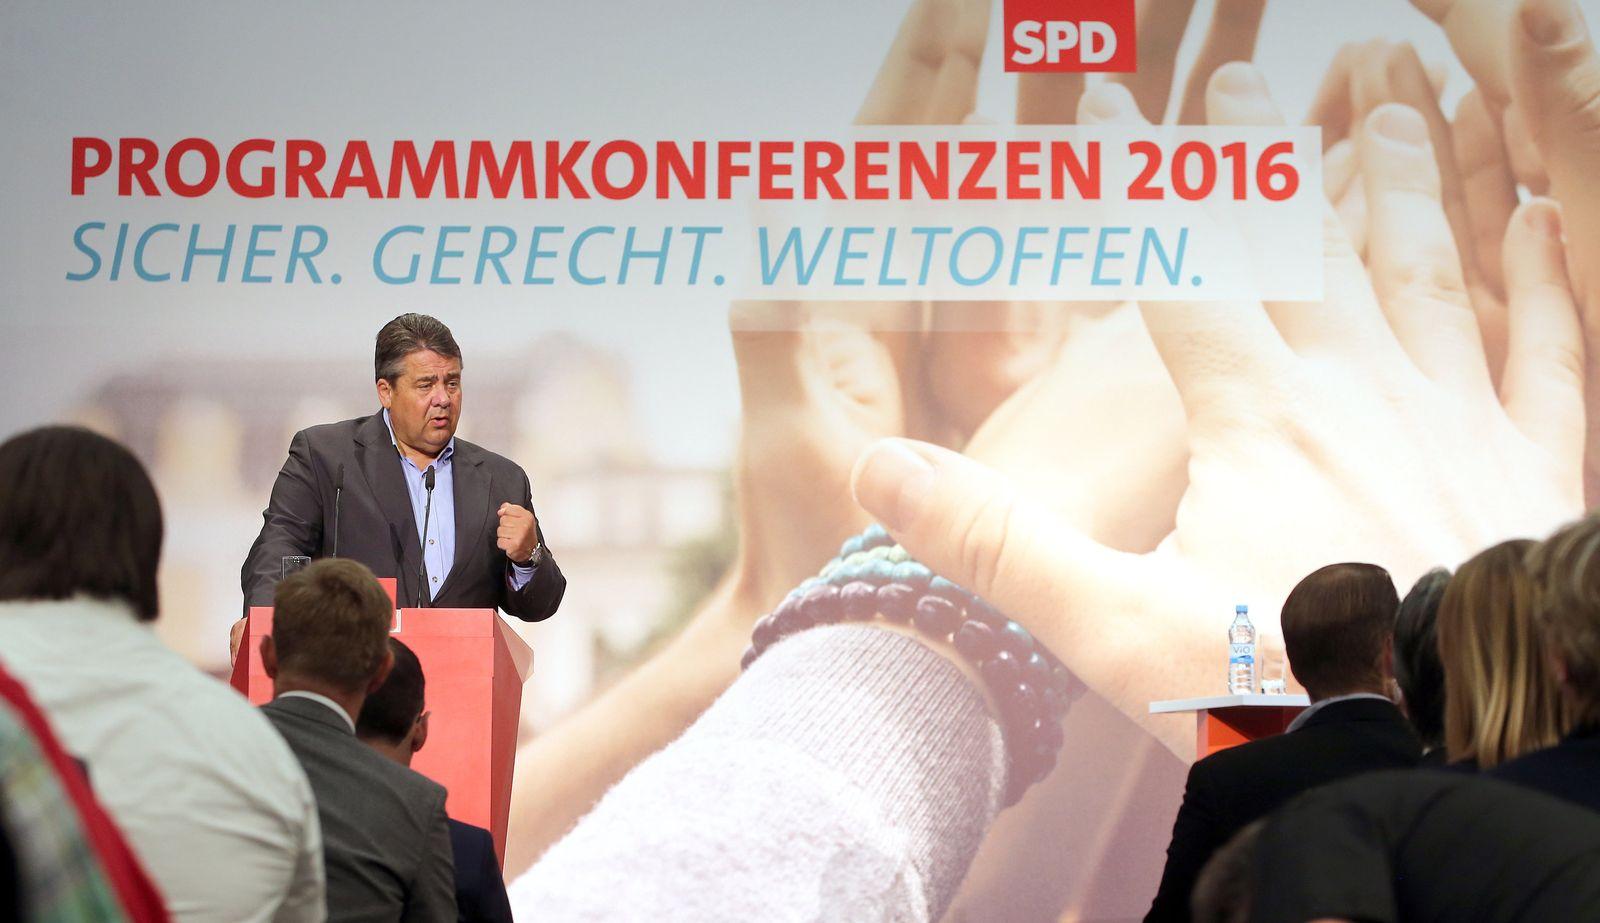 Gabriel/ SPD-Regionalkonferenz in Berlin